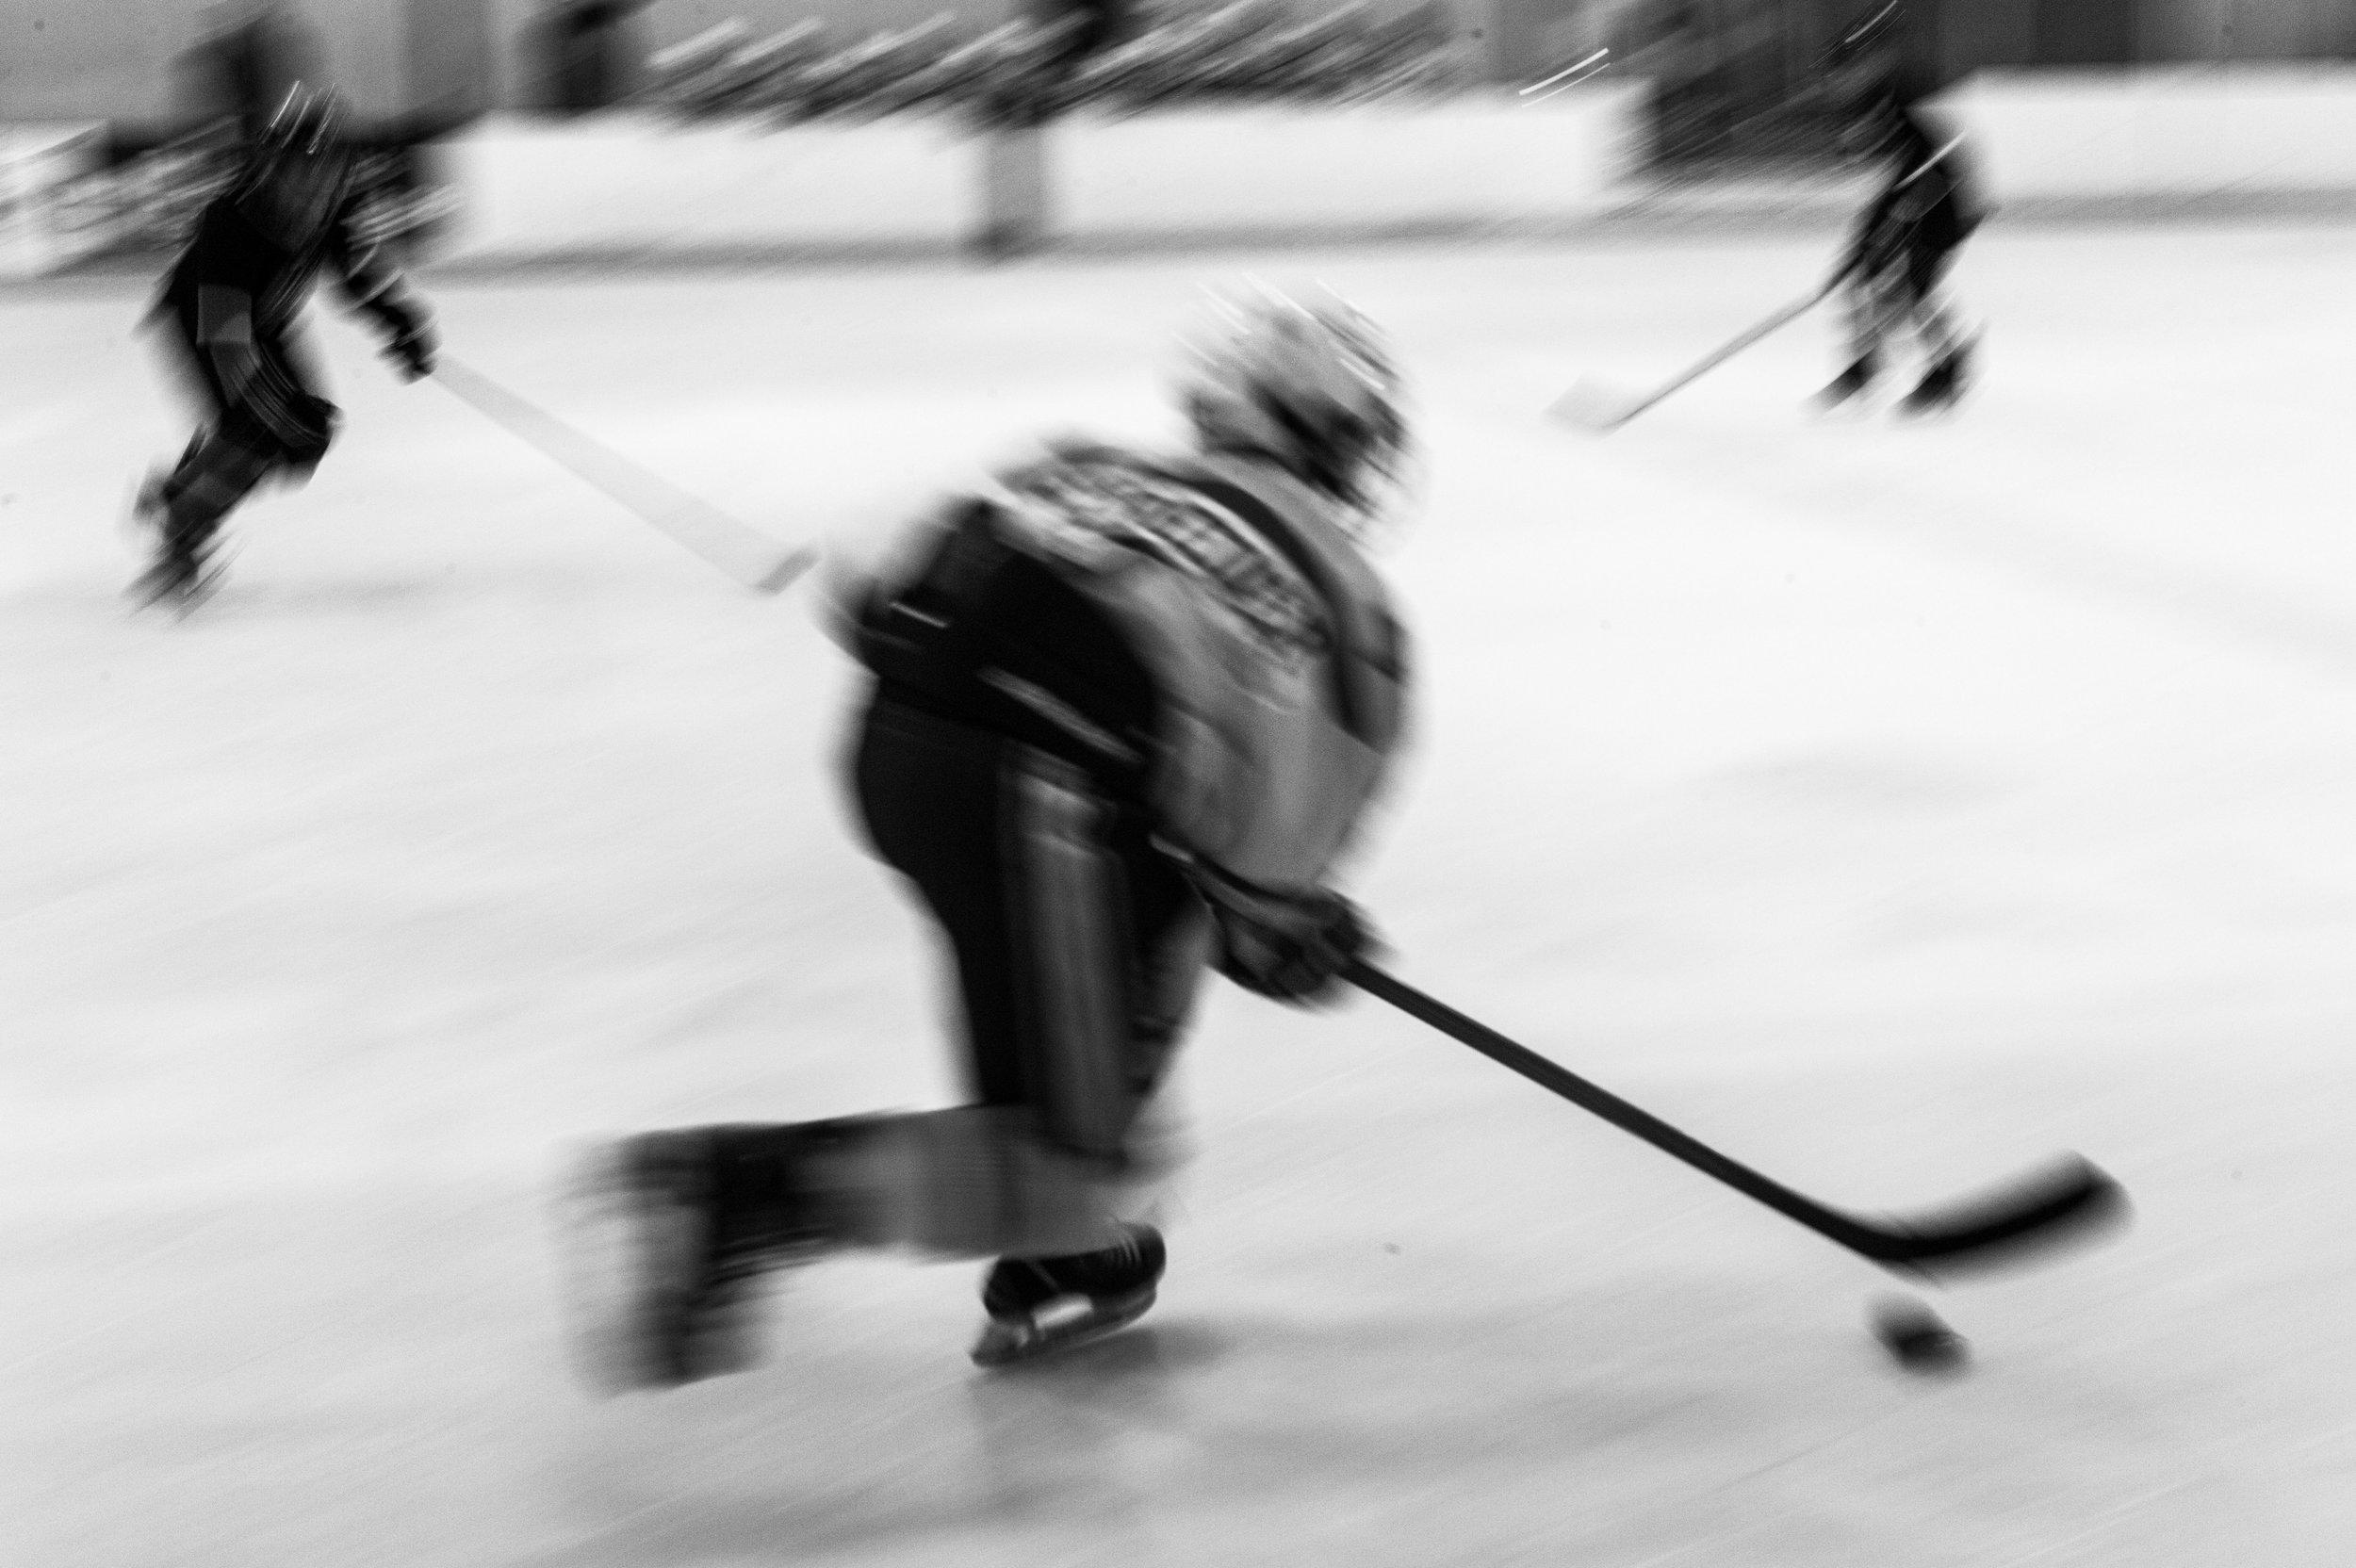 ice_hockey-045.jpg